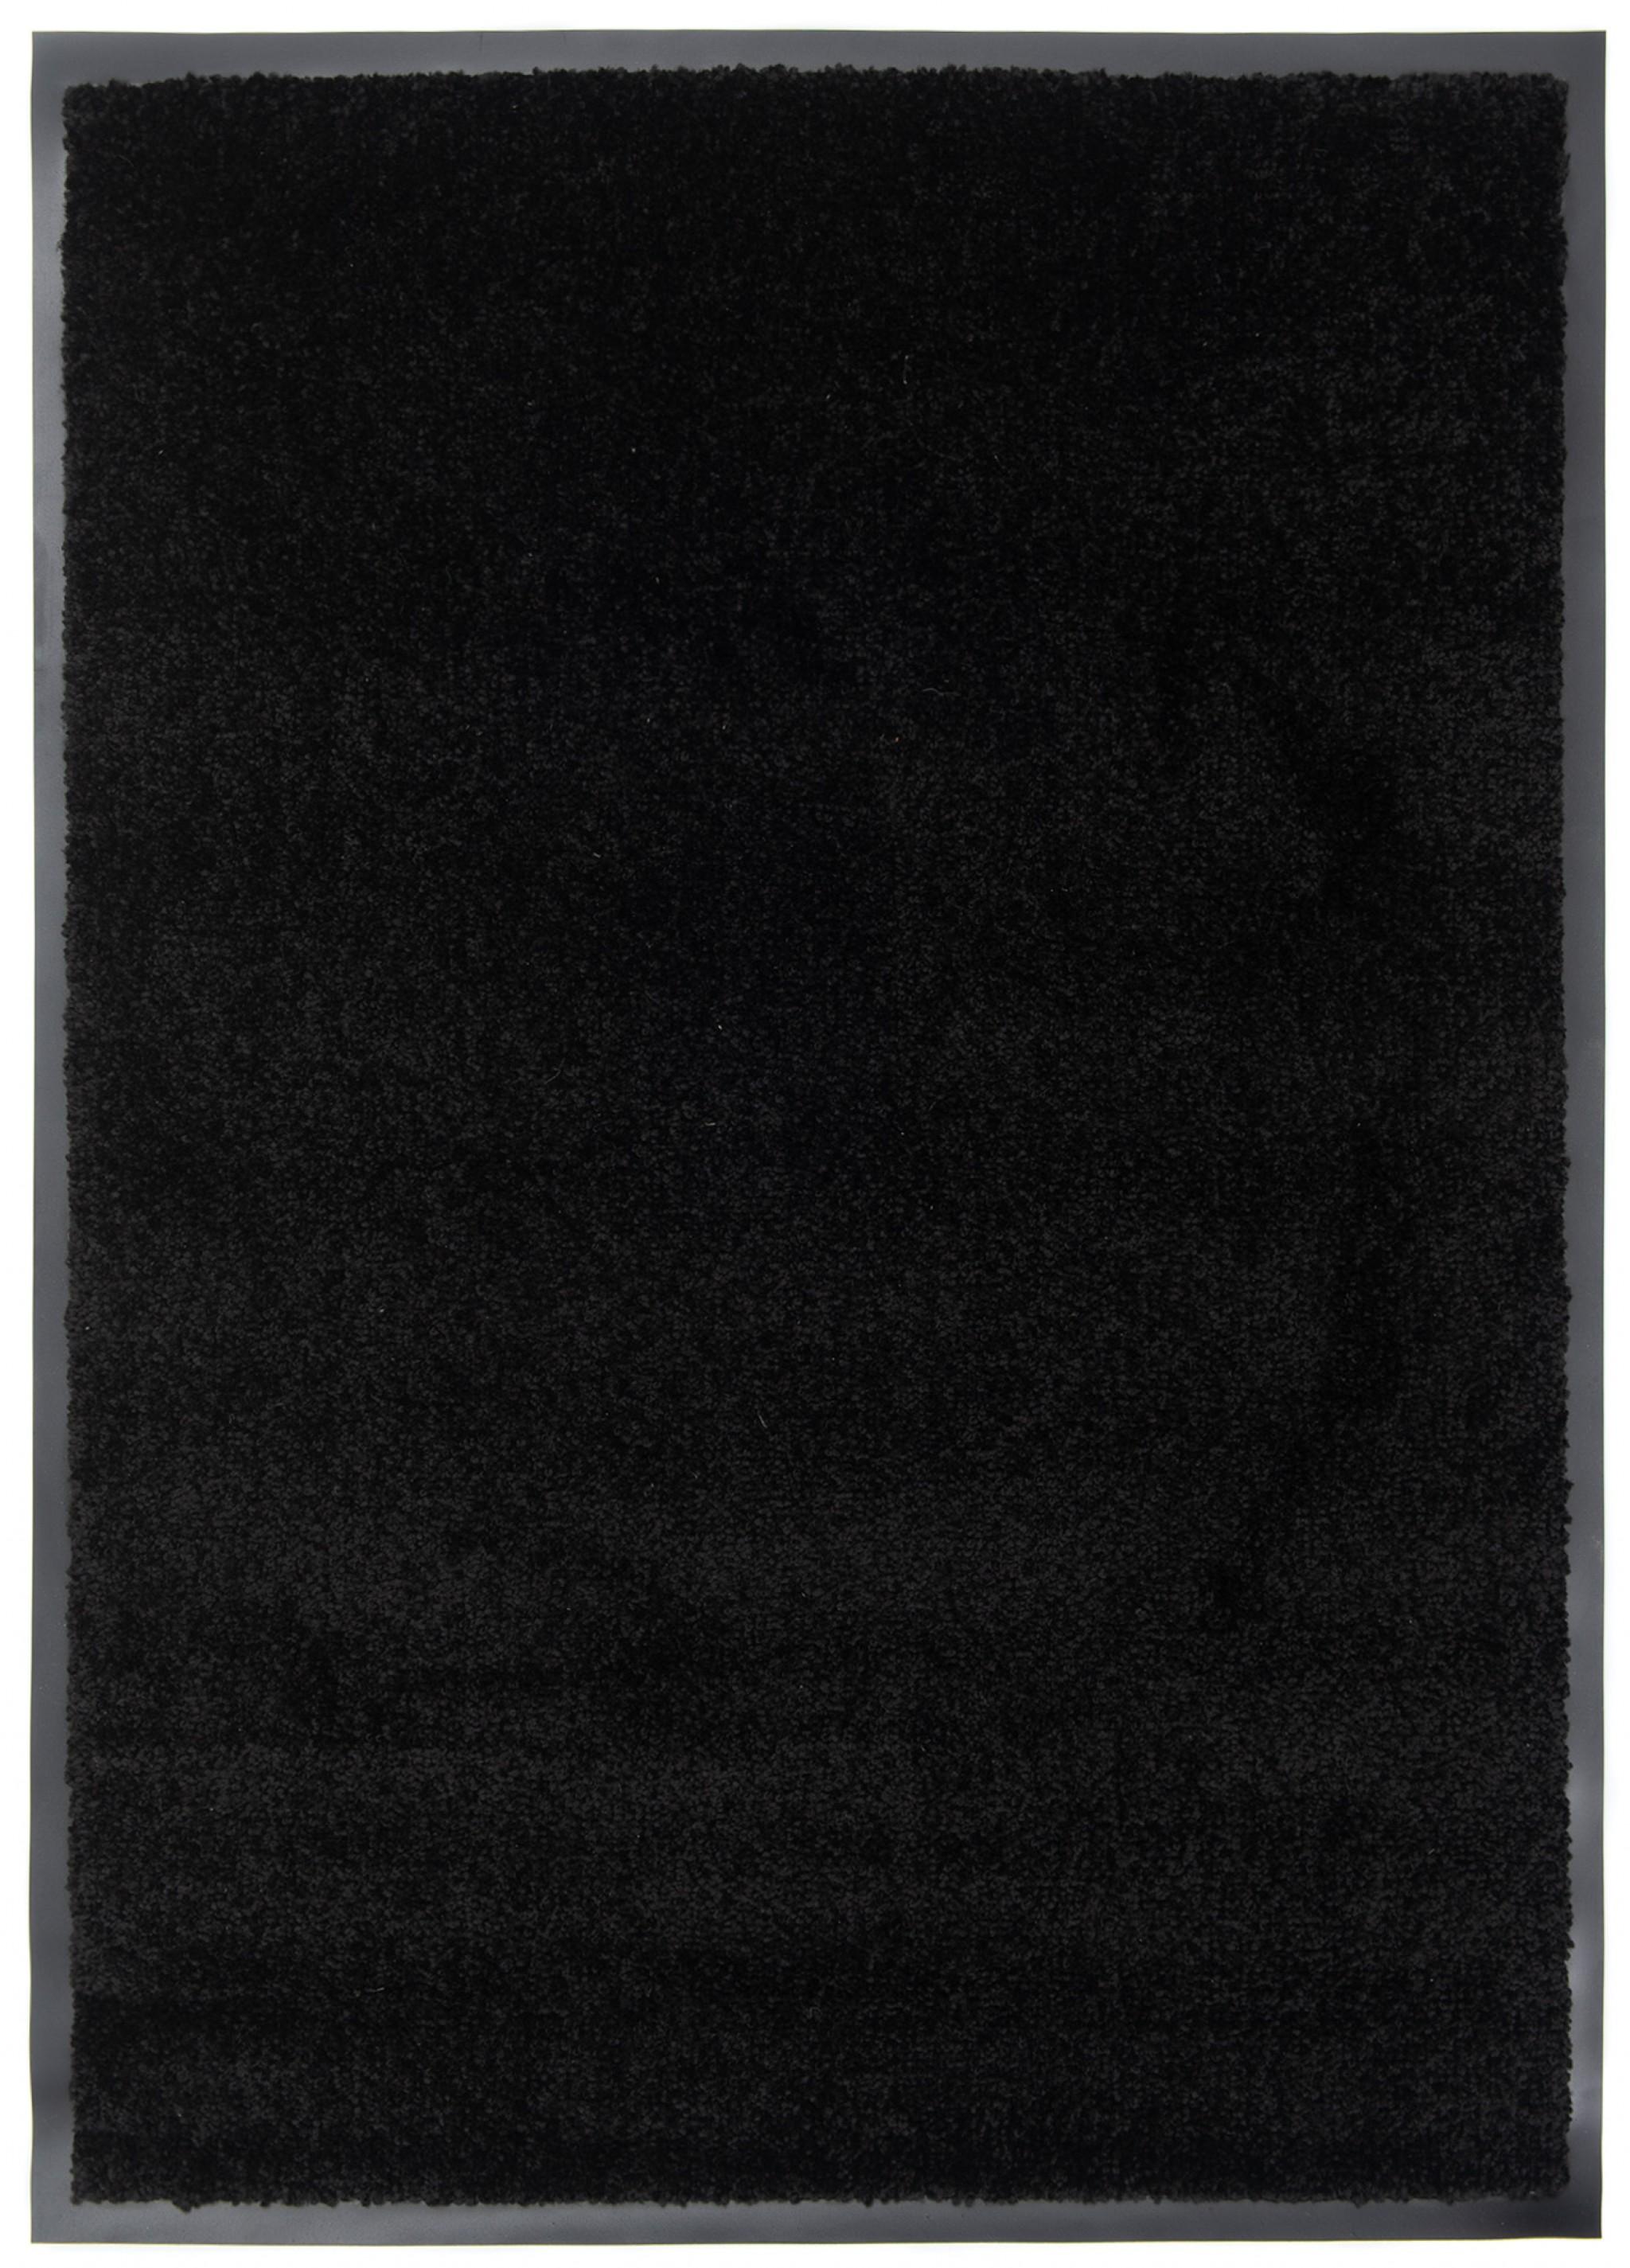 Wycieraczka materiałowa Memphis 78 CM - border 1,5 cm czarny